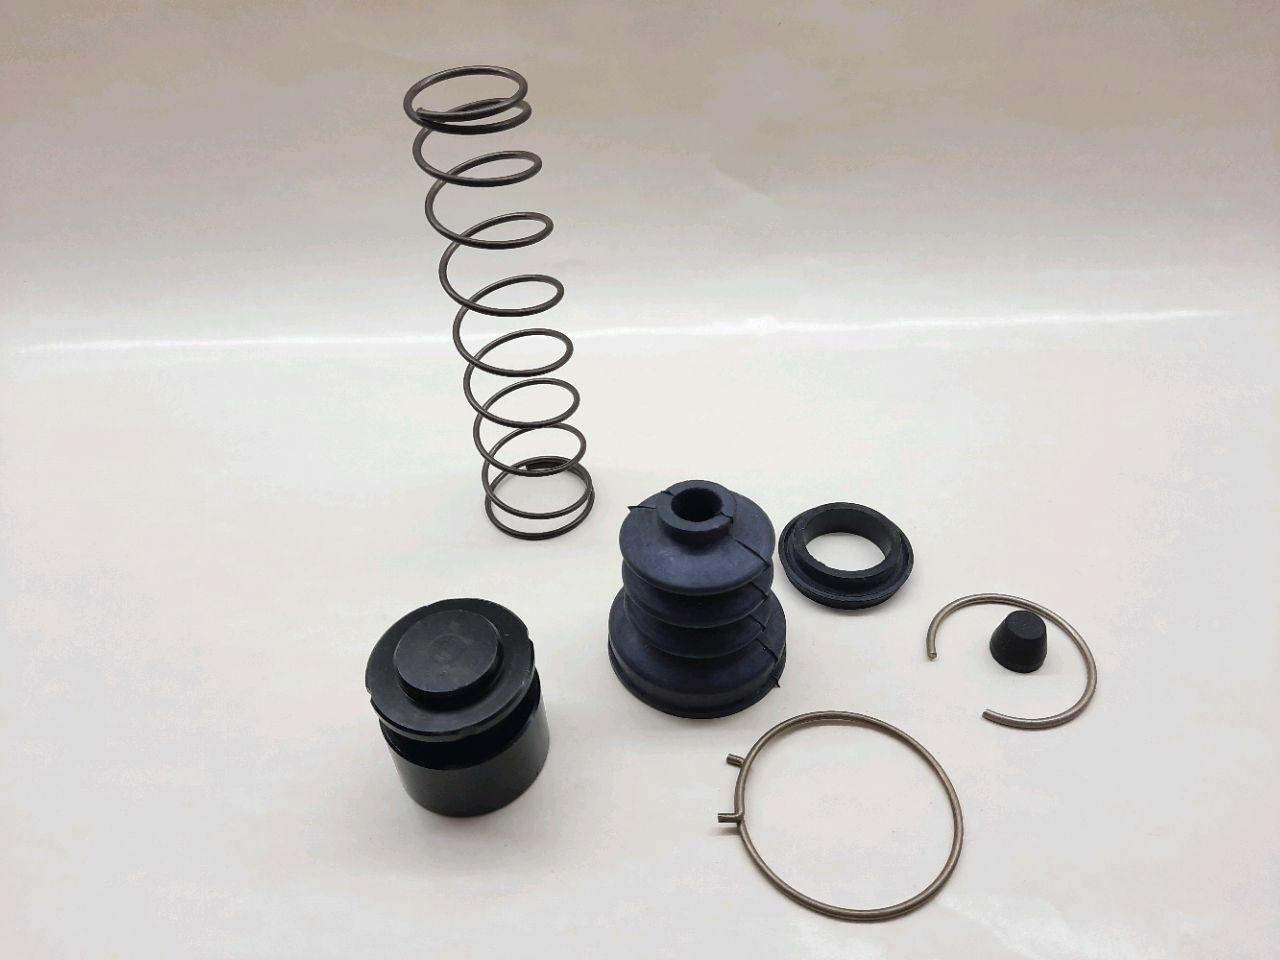 S/repar cilindrului de ambreiaj MAN d=24 (09.R715.611)